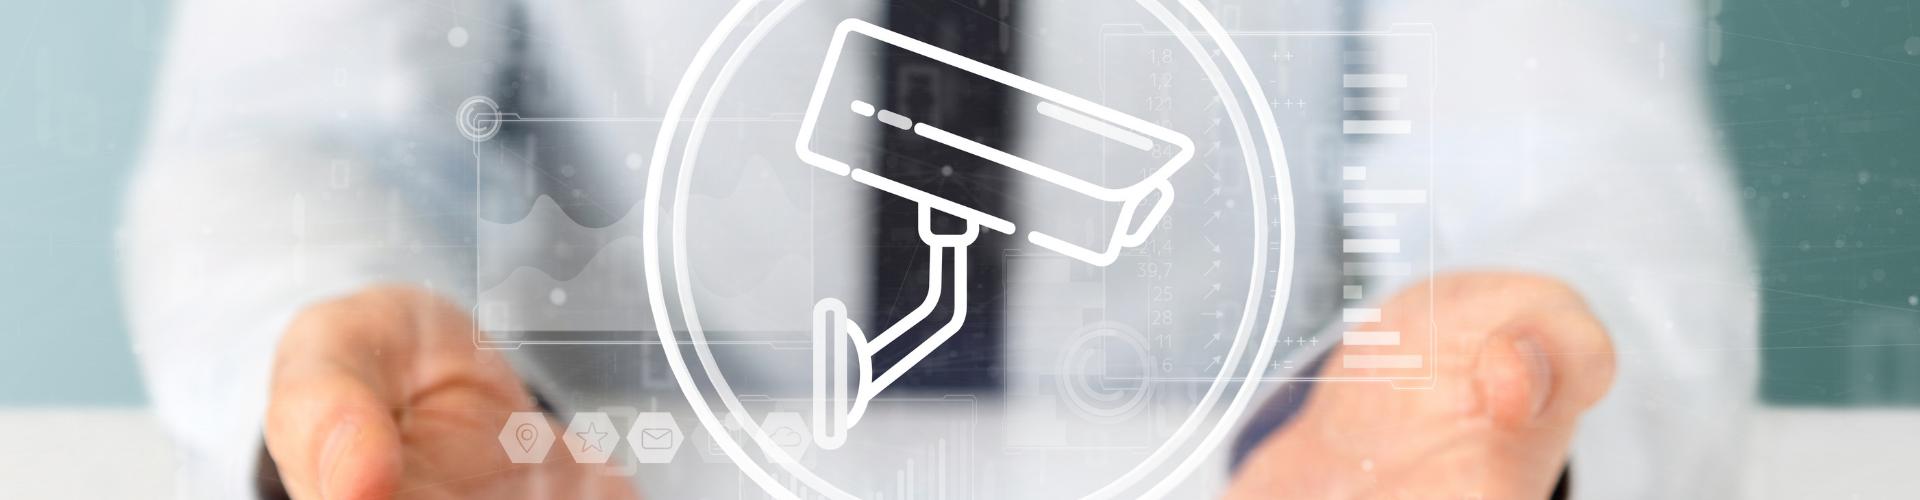 industrie-videoueberwachung-kameratechnik-ahnemueller